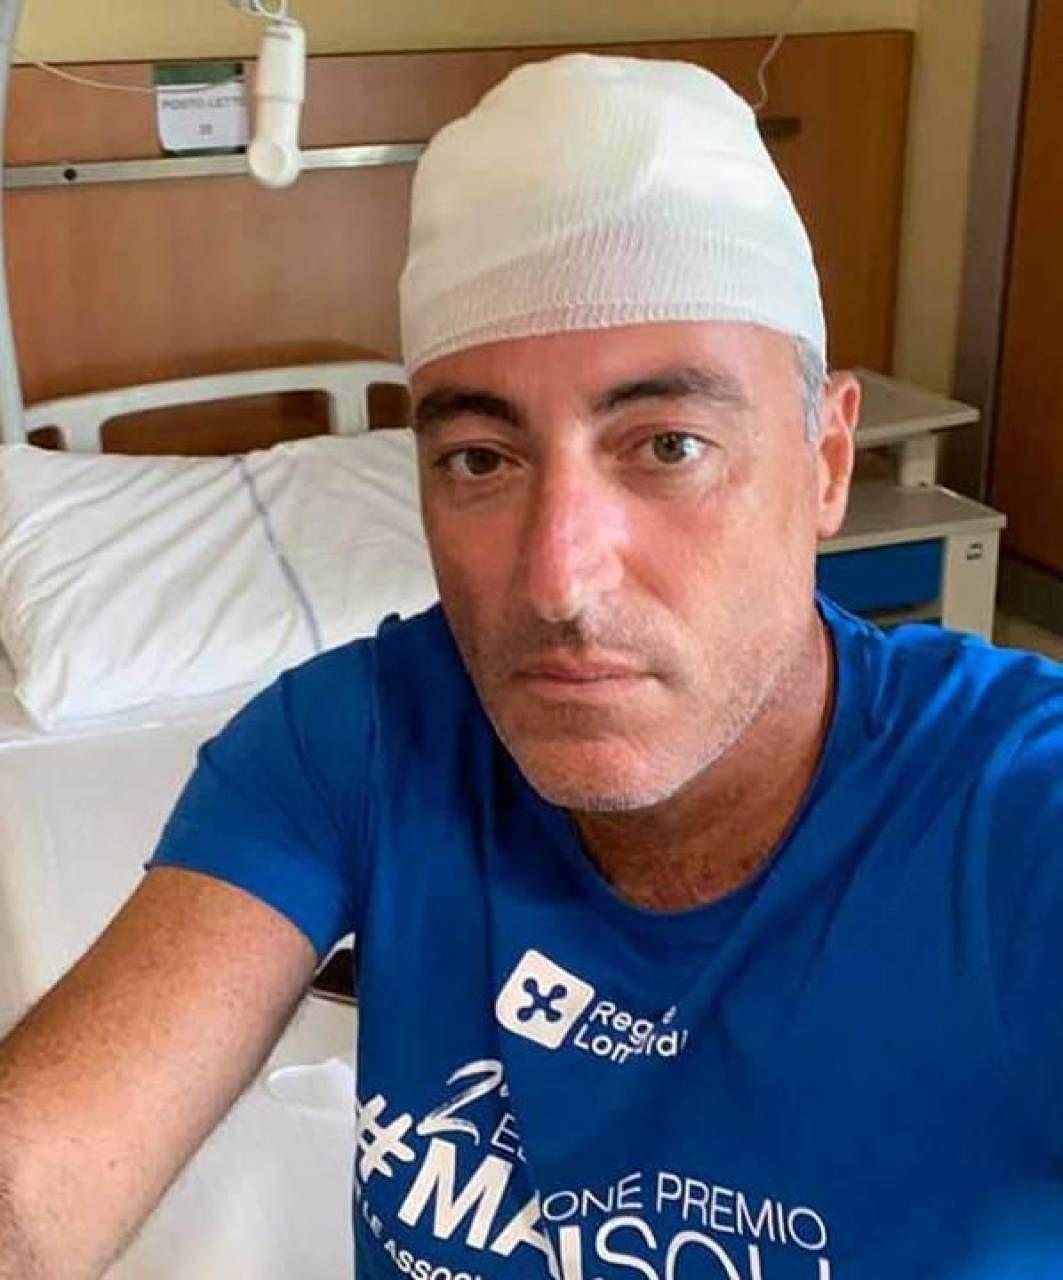 Ad agosto Giulio Gallera mentre è in vacanza in Liguria batte. la testa contro un'inferriata giocando a paddle e posta le foto sui social